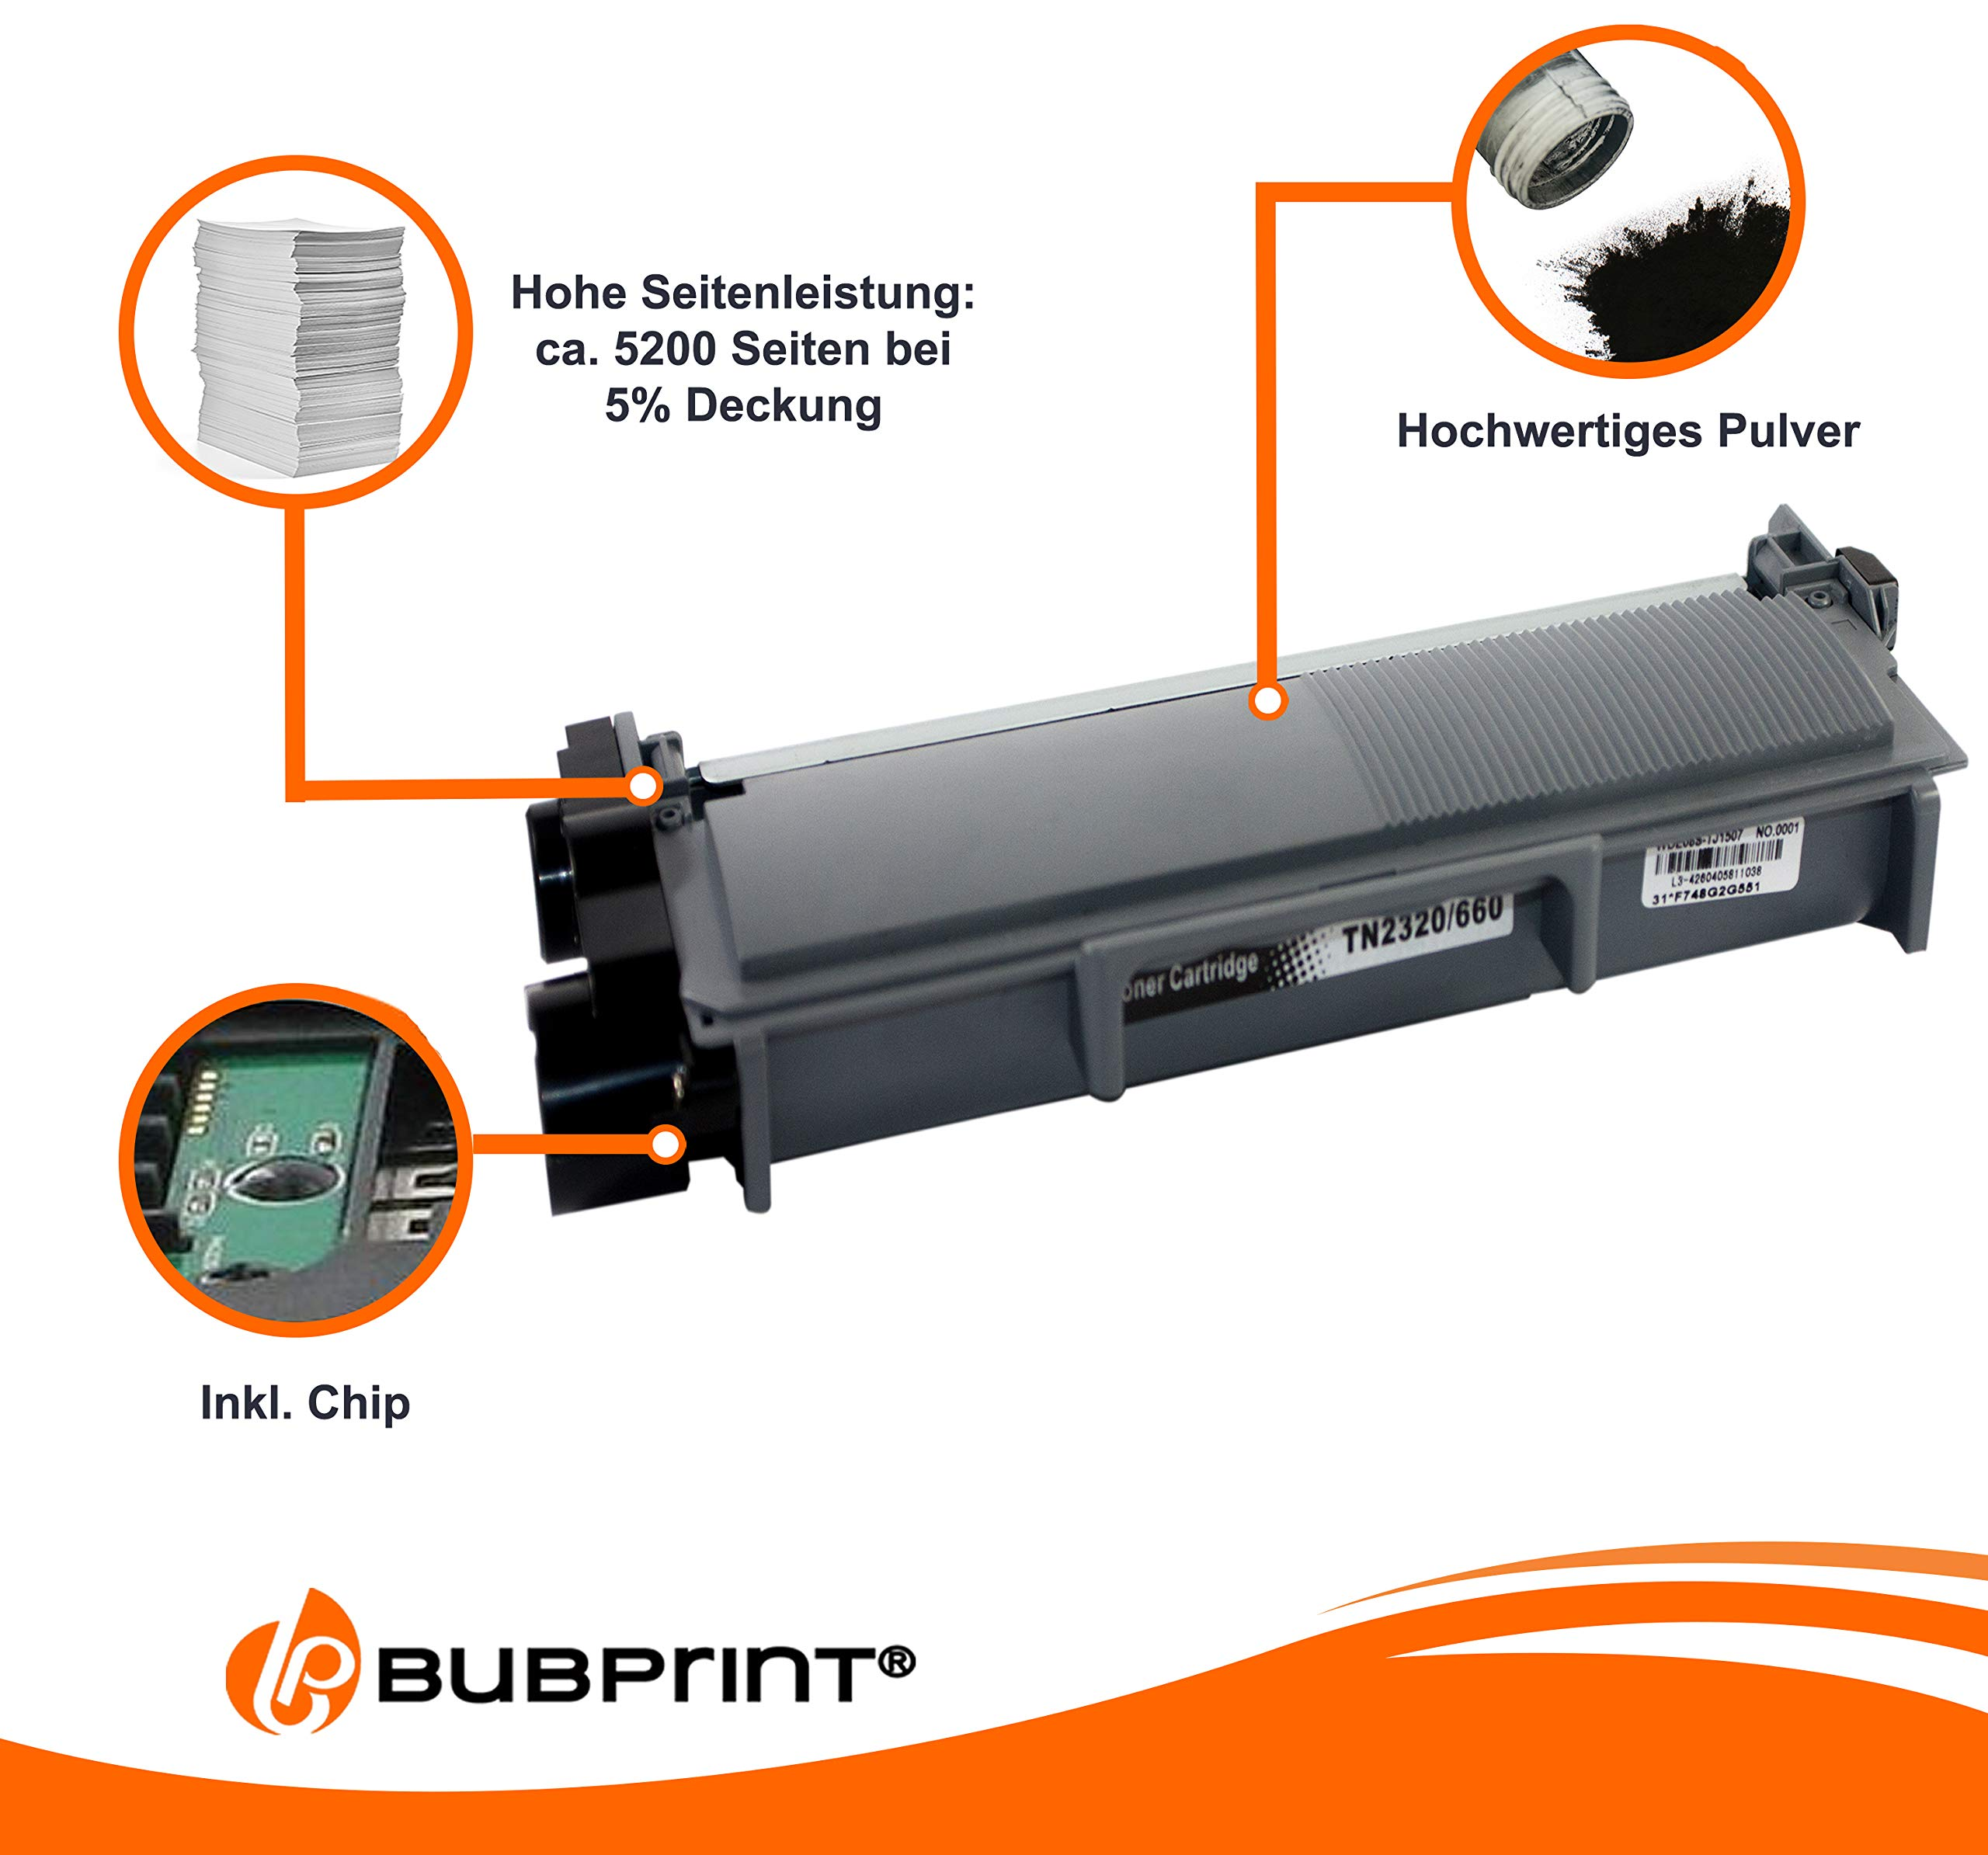 Bubprint-Toner-kompatibel-fr-Brother-TN-2320-XXL-TN-2310-fr-DCP-L2520DW-HL-L2300D-HL-L2340DW-HL-L2360DW-HL-L2380DW-MFC-L2700DW-MFC-L2740DW-Schwarz